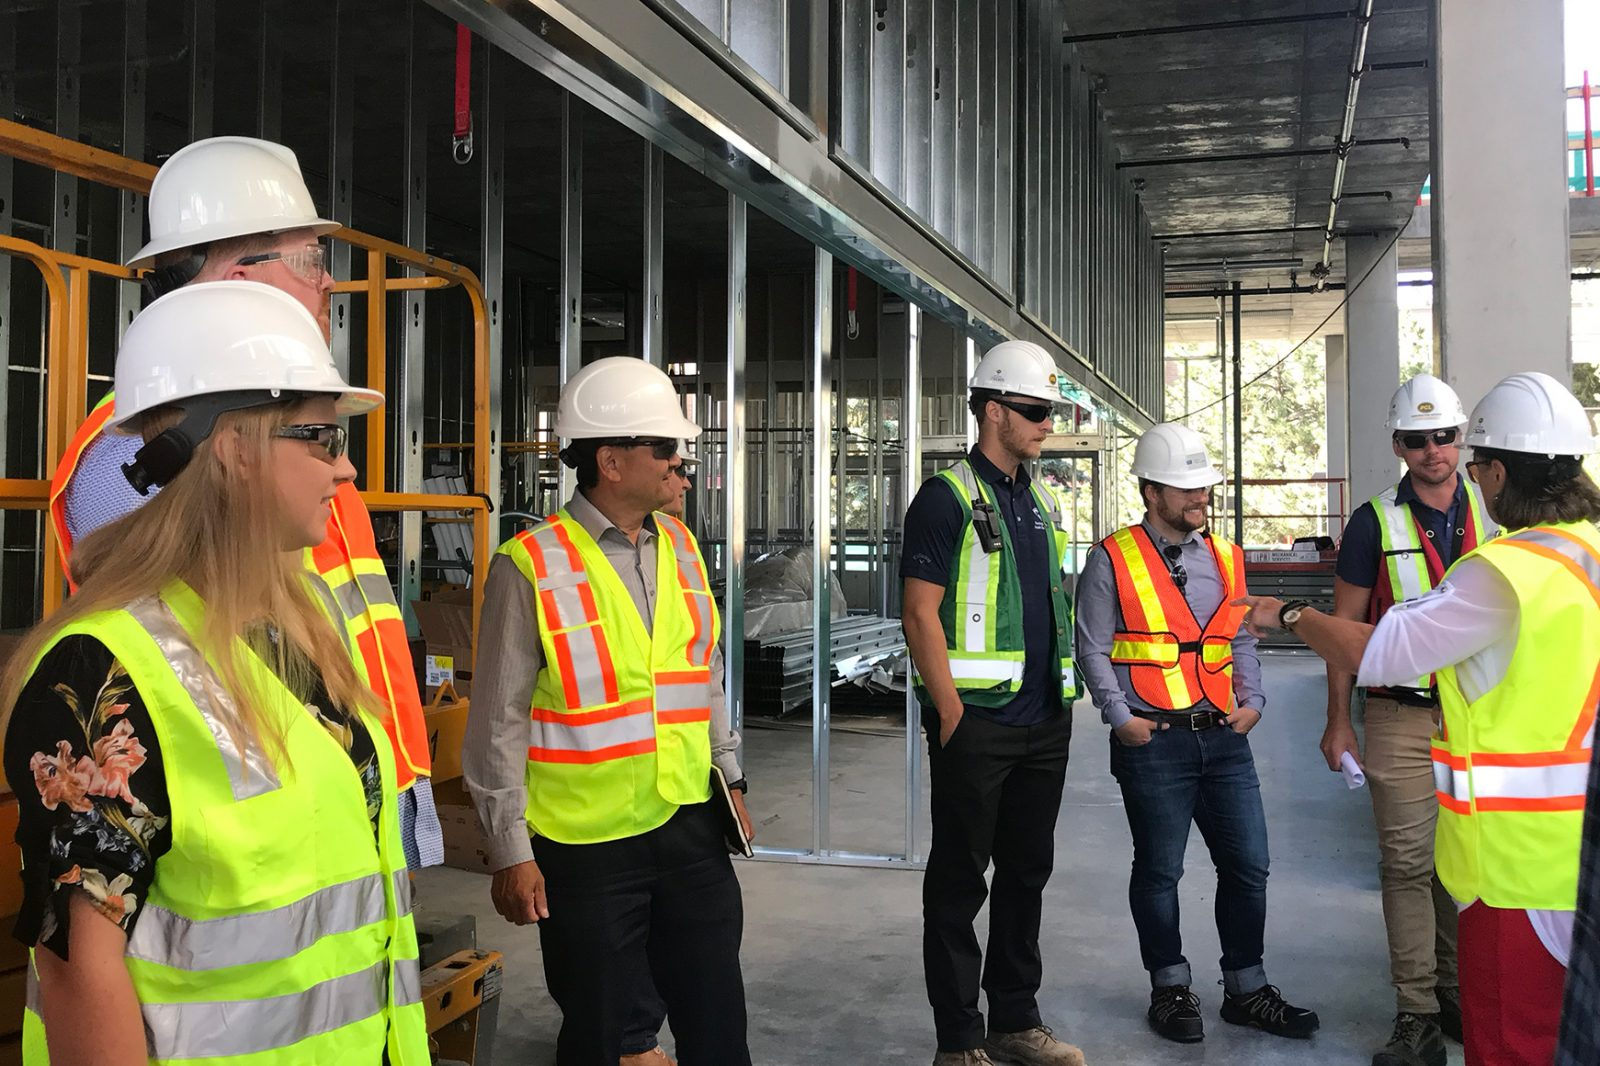 Nursing building tour July 2019